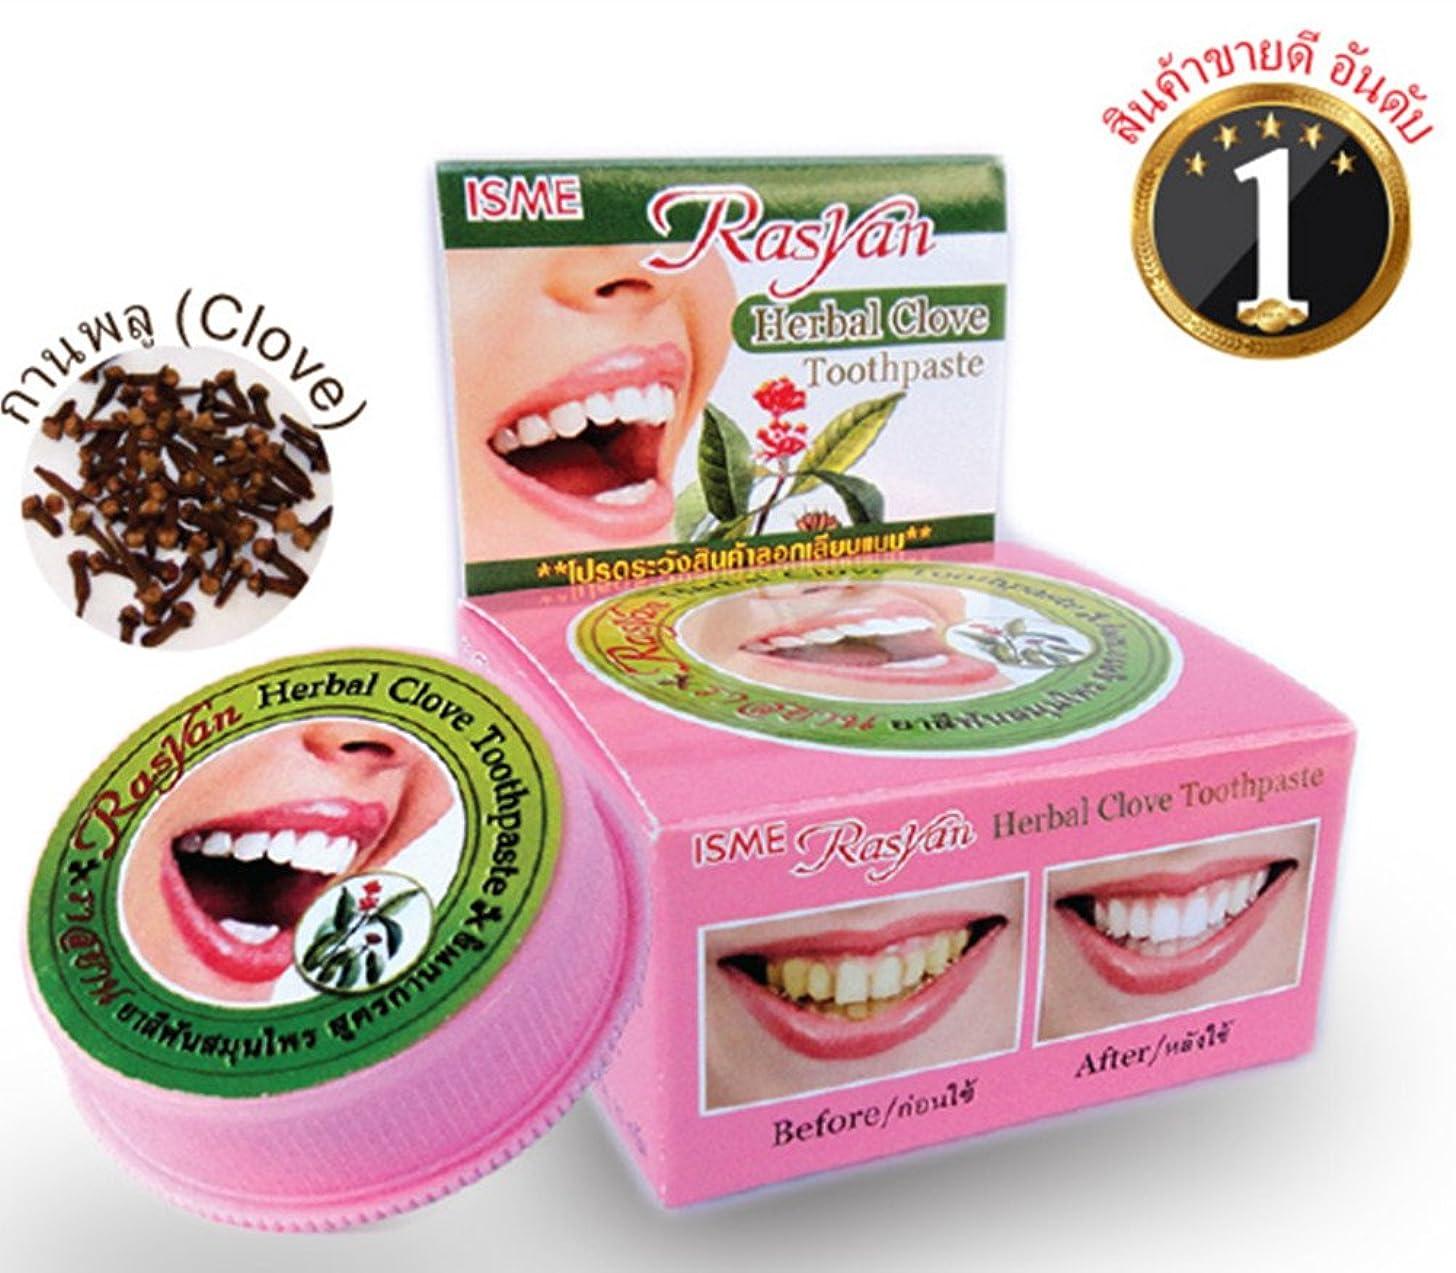 マーク九料理練り歯磨き ハーブ Thai Herbal Rasyan Herbal Clove Toothpaste (5 Gram Size) 2 Pcs.